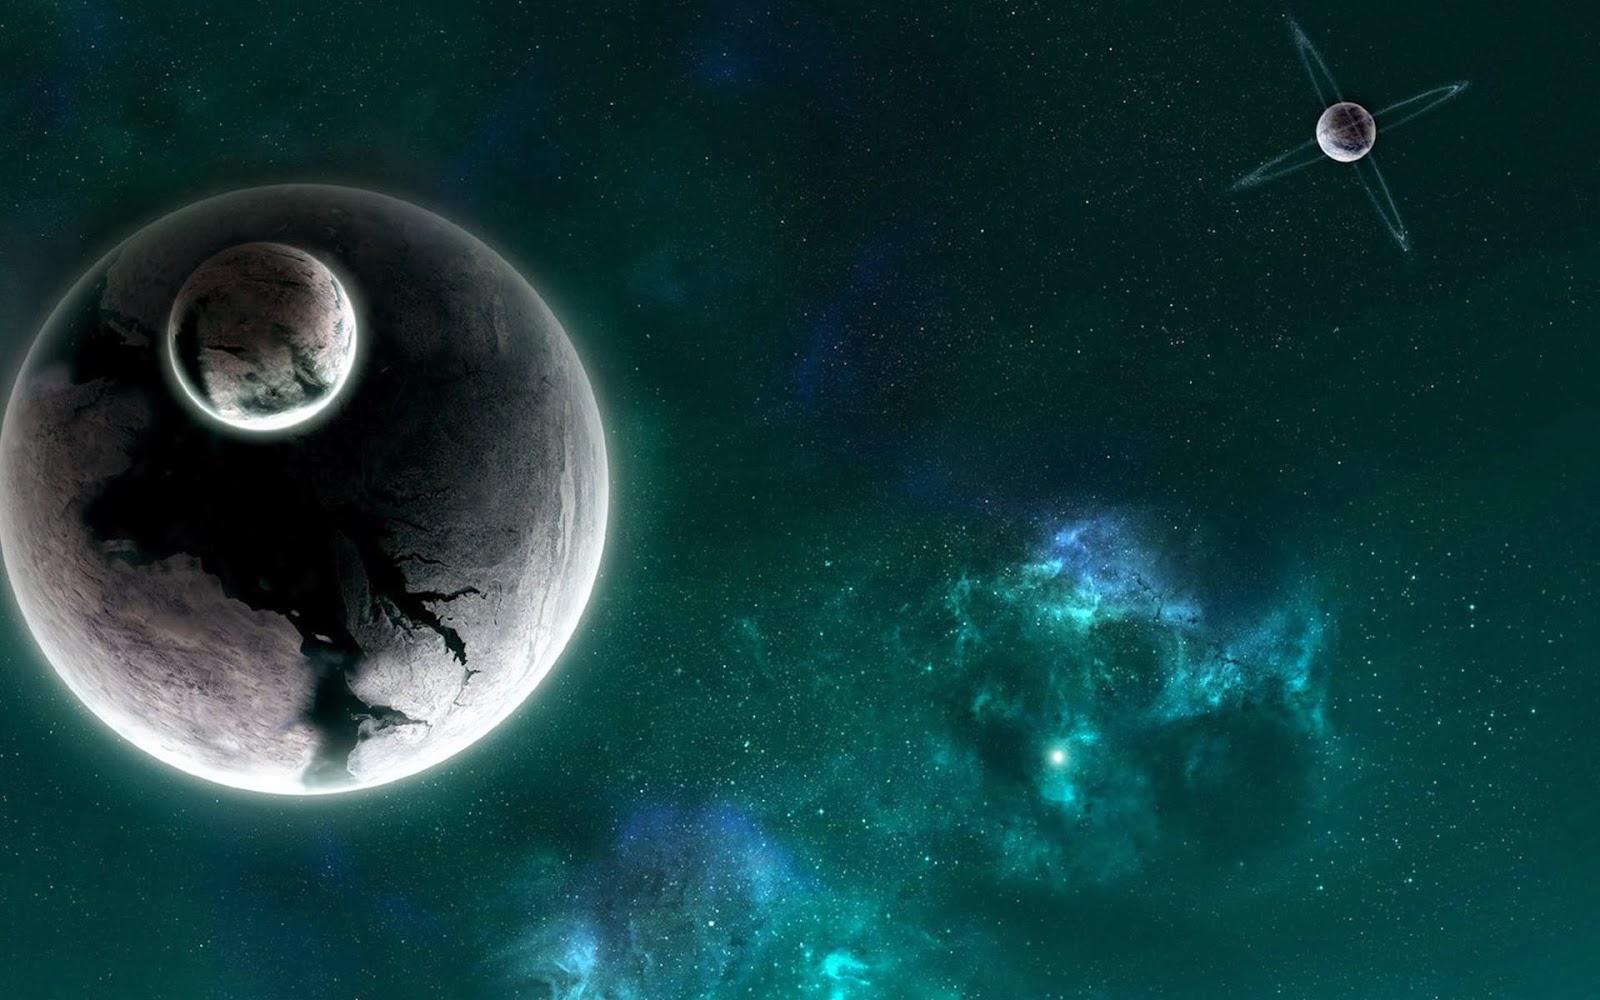 صور كواكب ونيازك -Outer-Space-Planets-The-Universe-Journey-Fresh-New-Hd-Wallpaper--